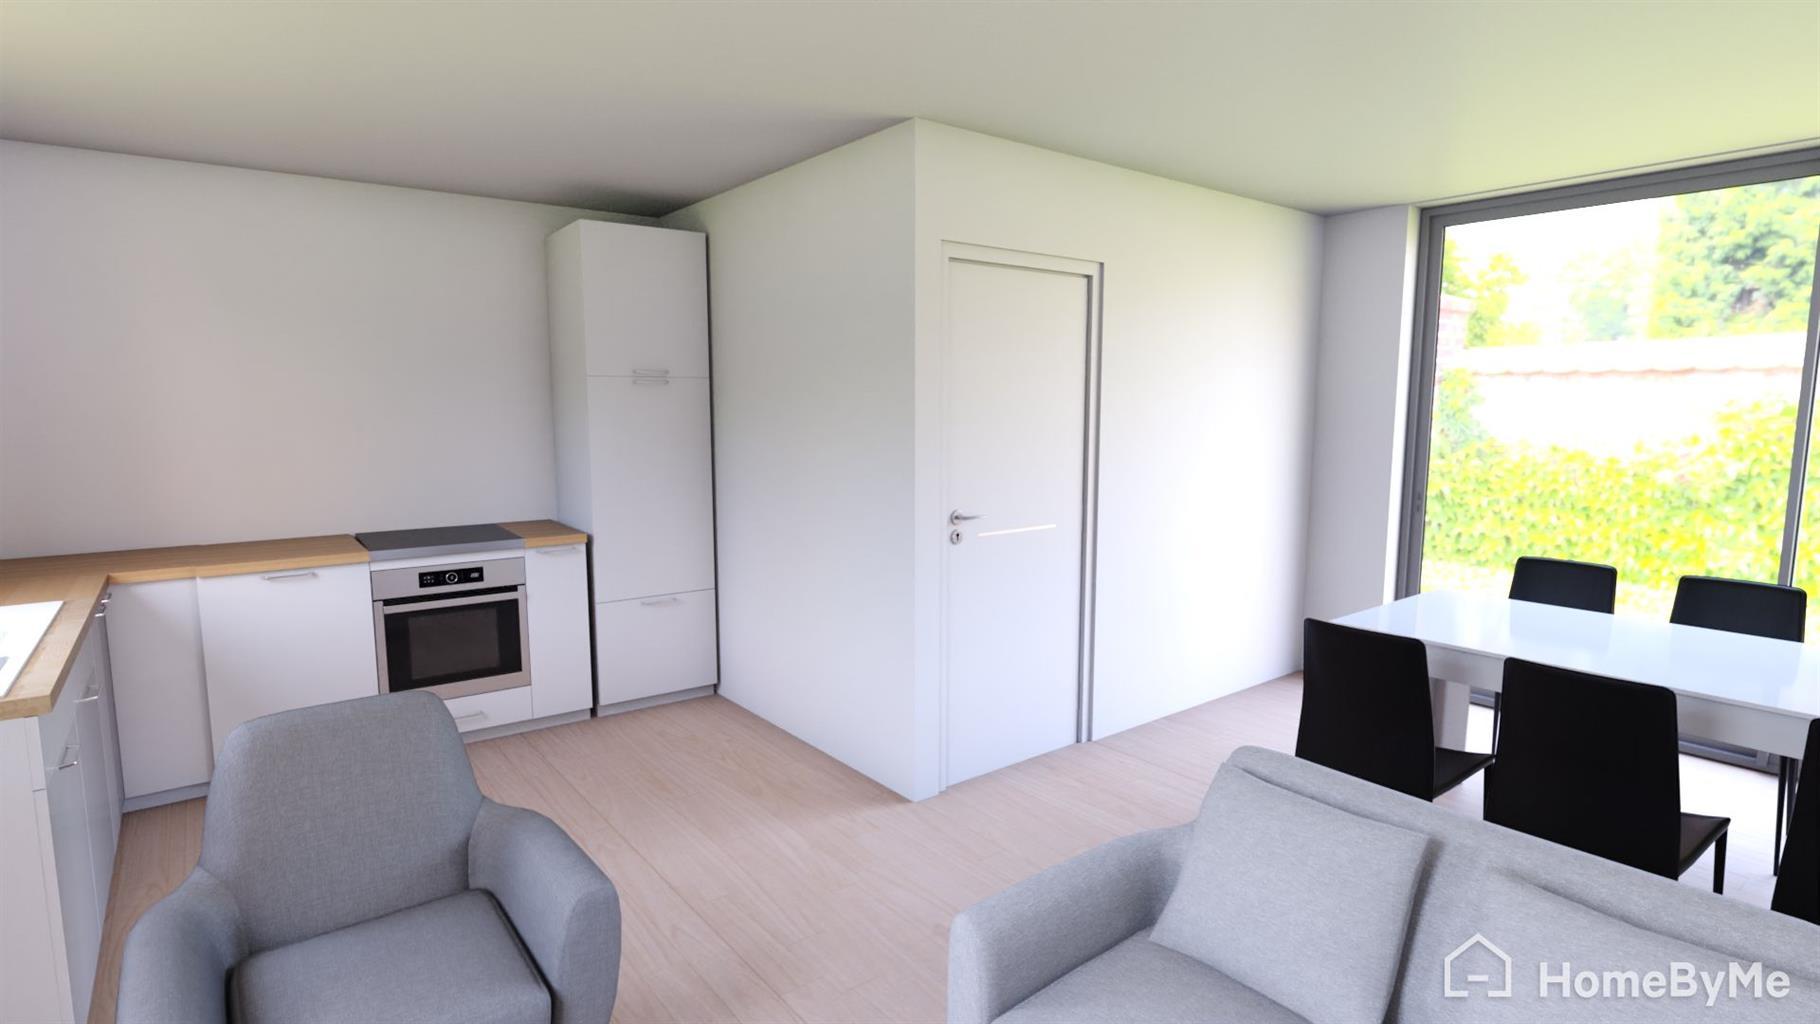 Maison - Braine-le-Comte - #4082170-25